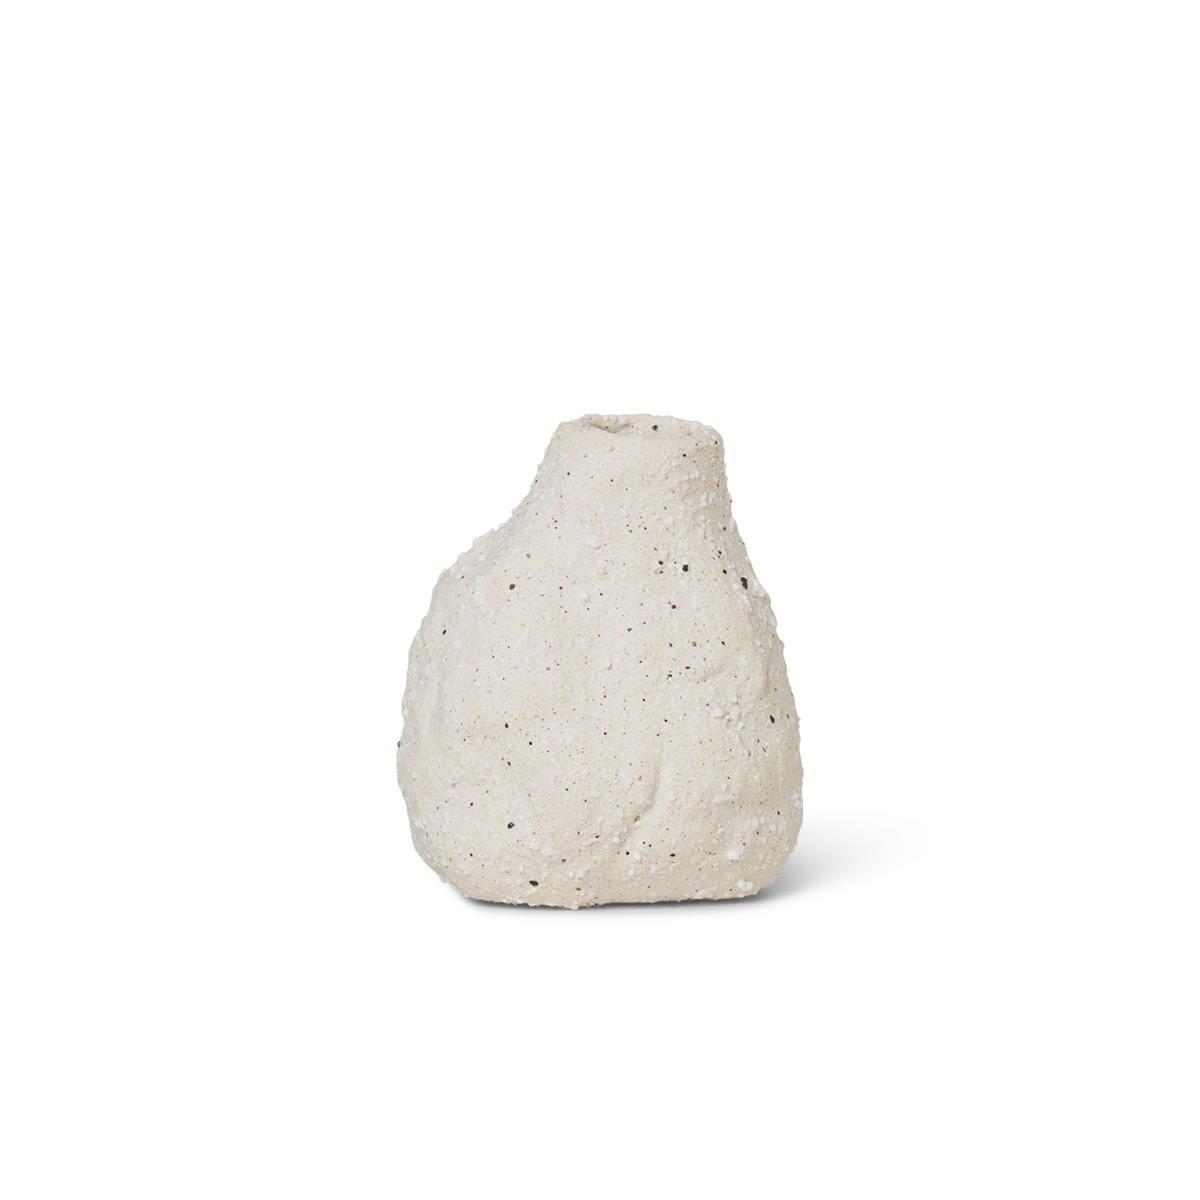 Vulca Mini Vas Off-white stone Ferm Living